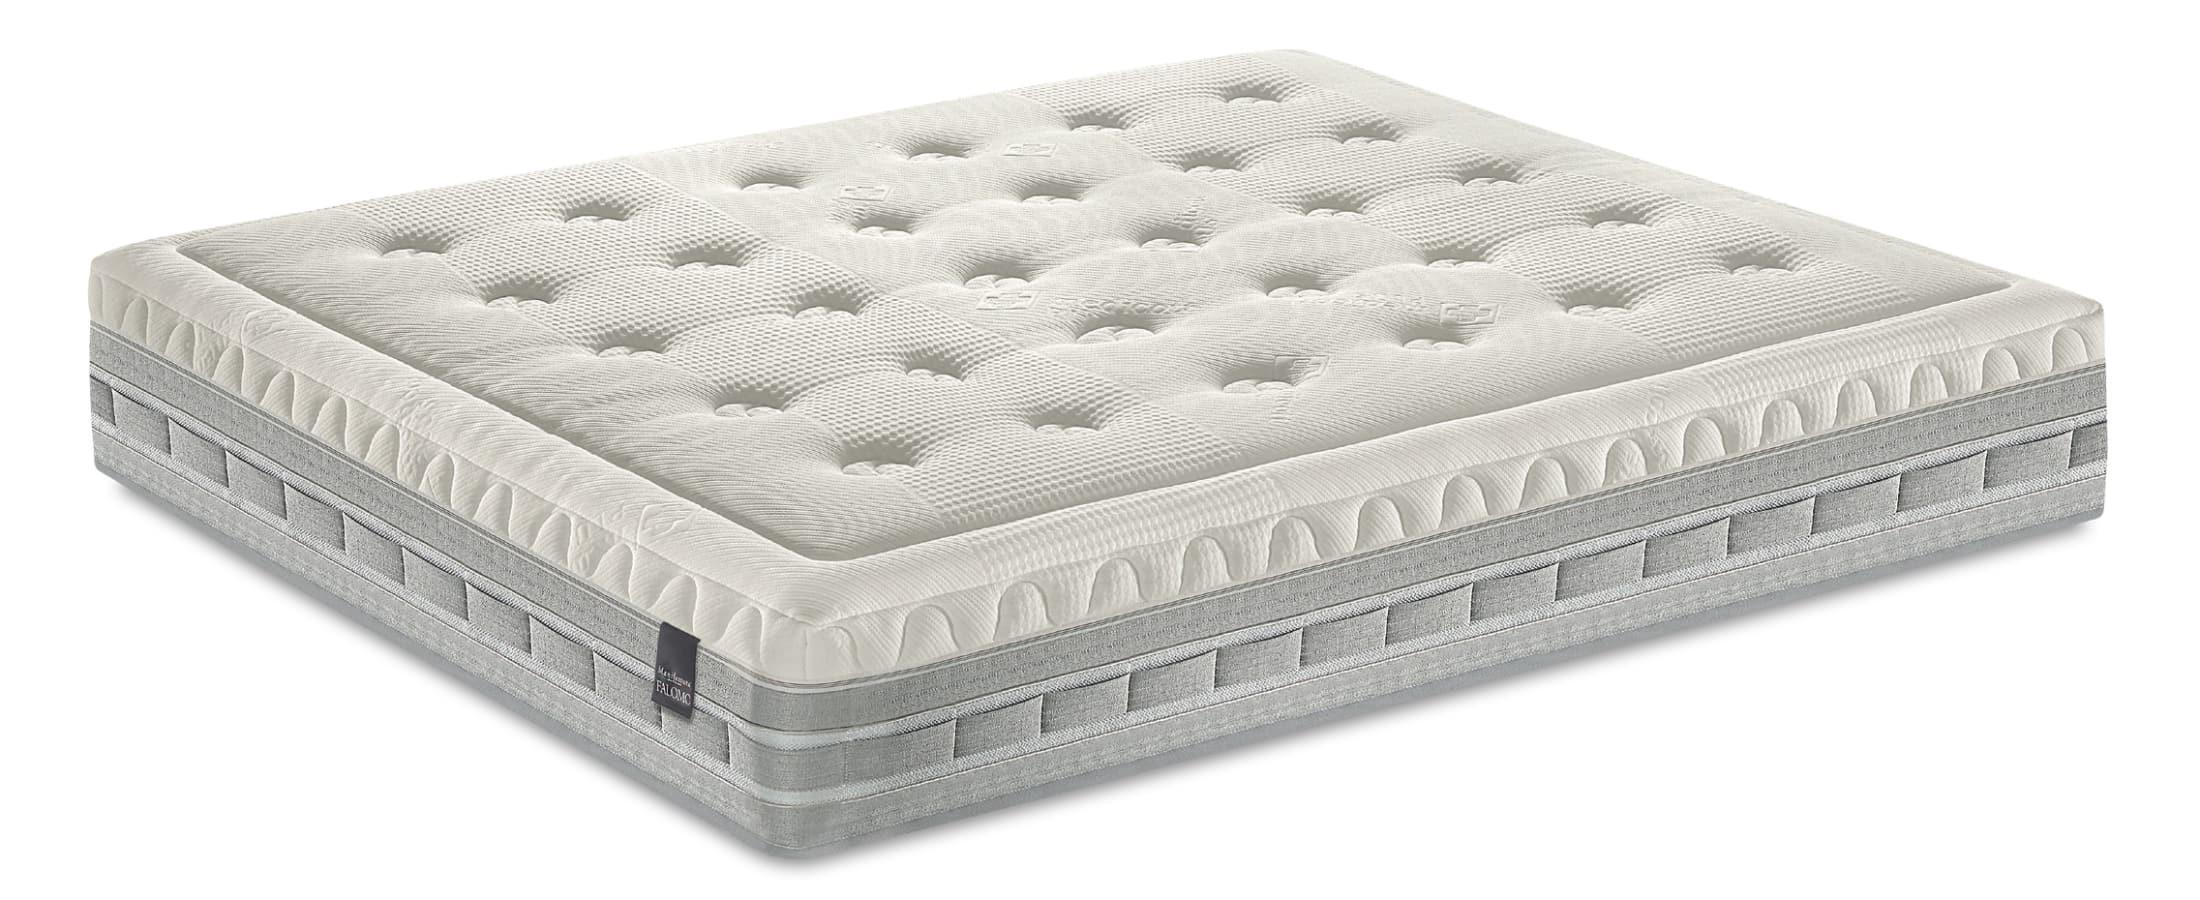 Manutenzione Materasso In Lattice materasso ergo feel 2.0 - acquista online   manifattura falomo